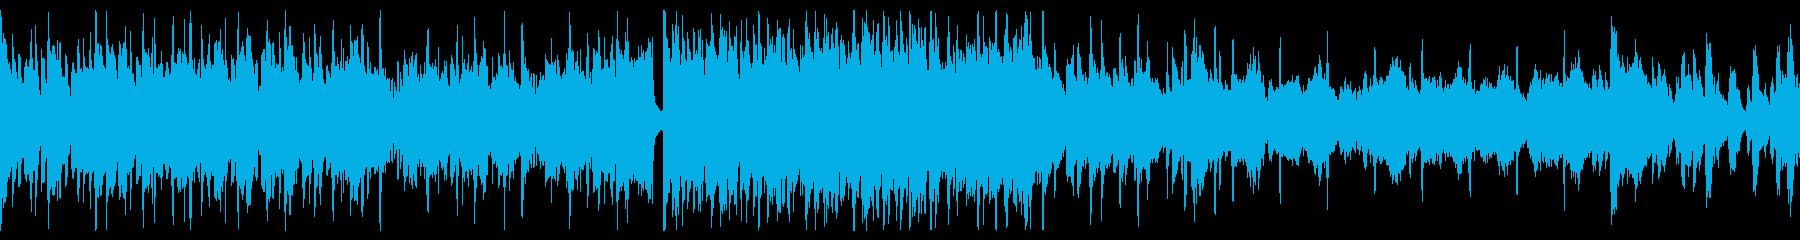 劇伴-中華、軽やかで明るい日常ポップスCの再生済みの波形